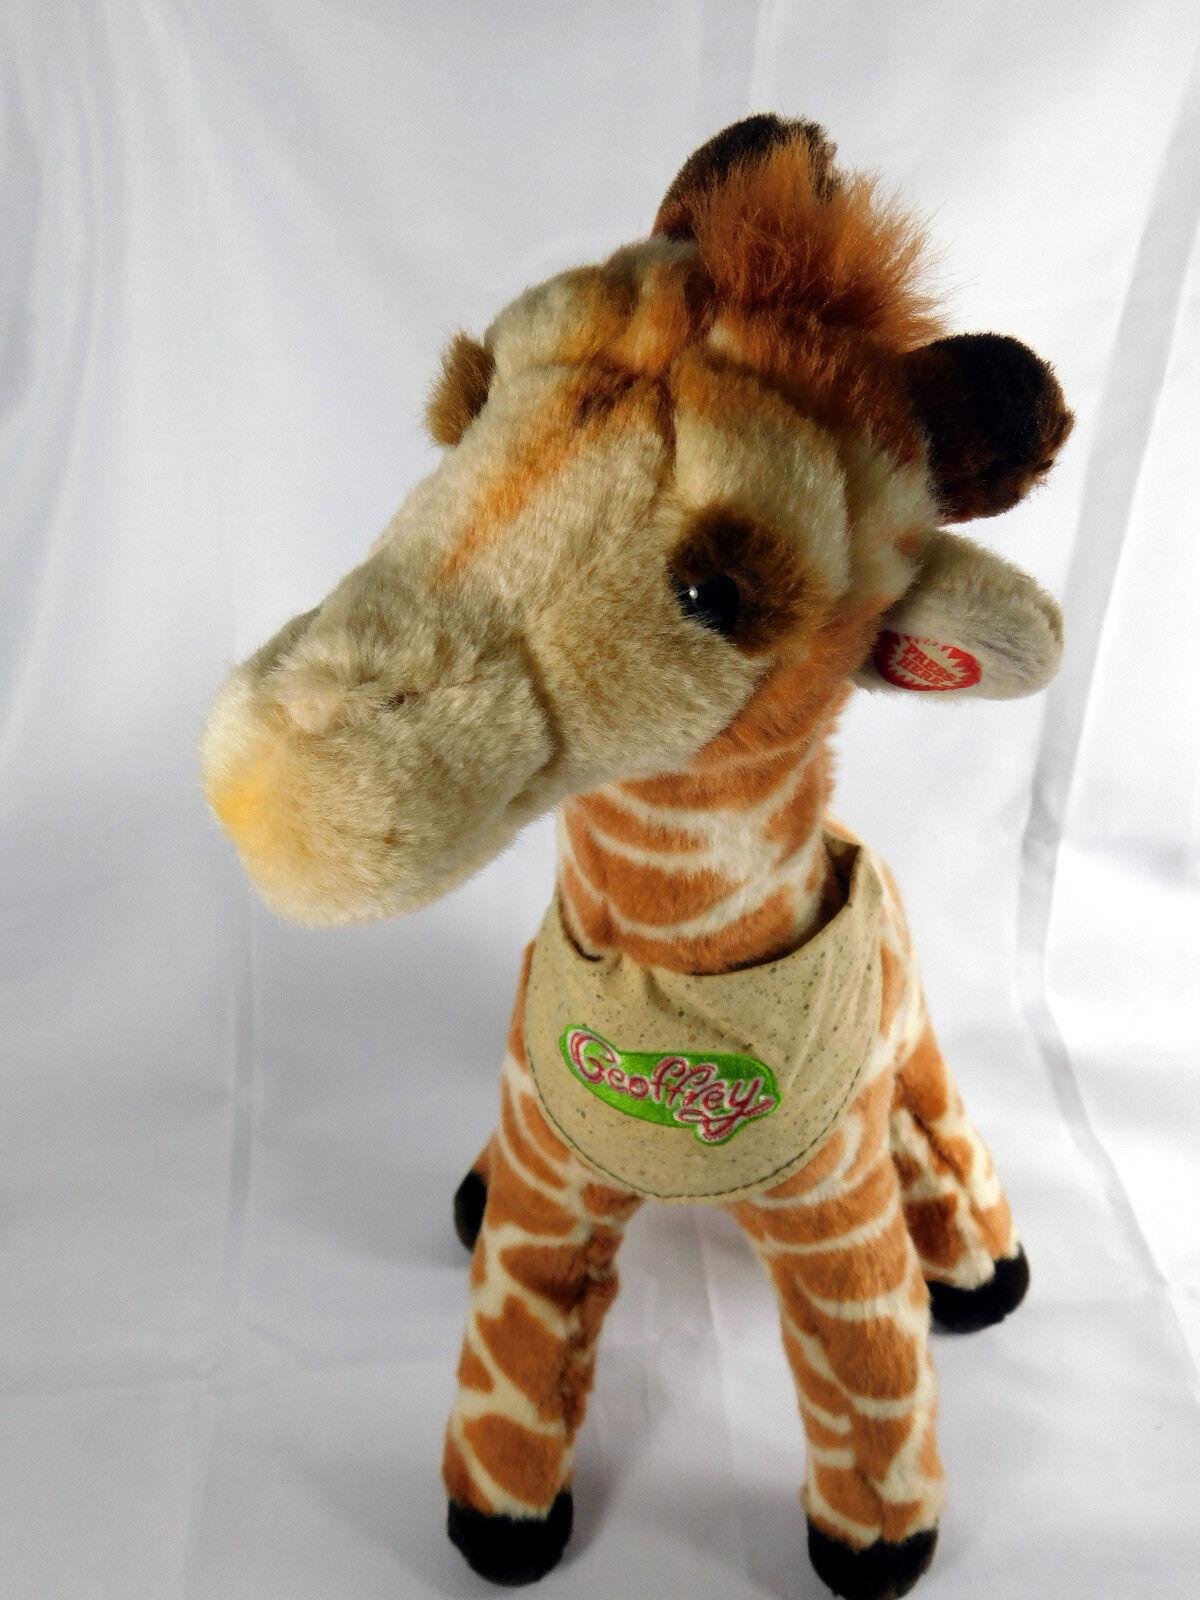 Giocattoli R Us Us Us Geoffrey Giraffe Talre 2000 19  Plush Stuffed giocattolo Ex. Cond. 7485e8